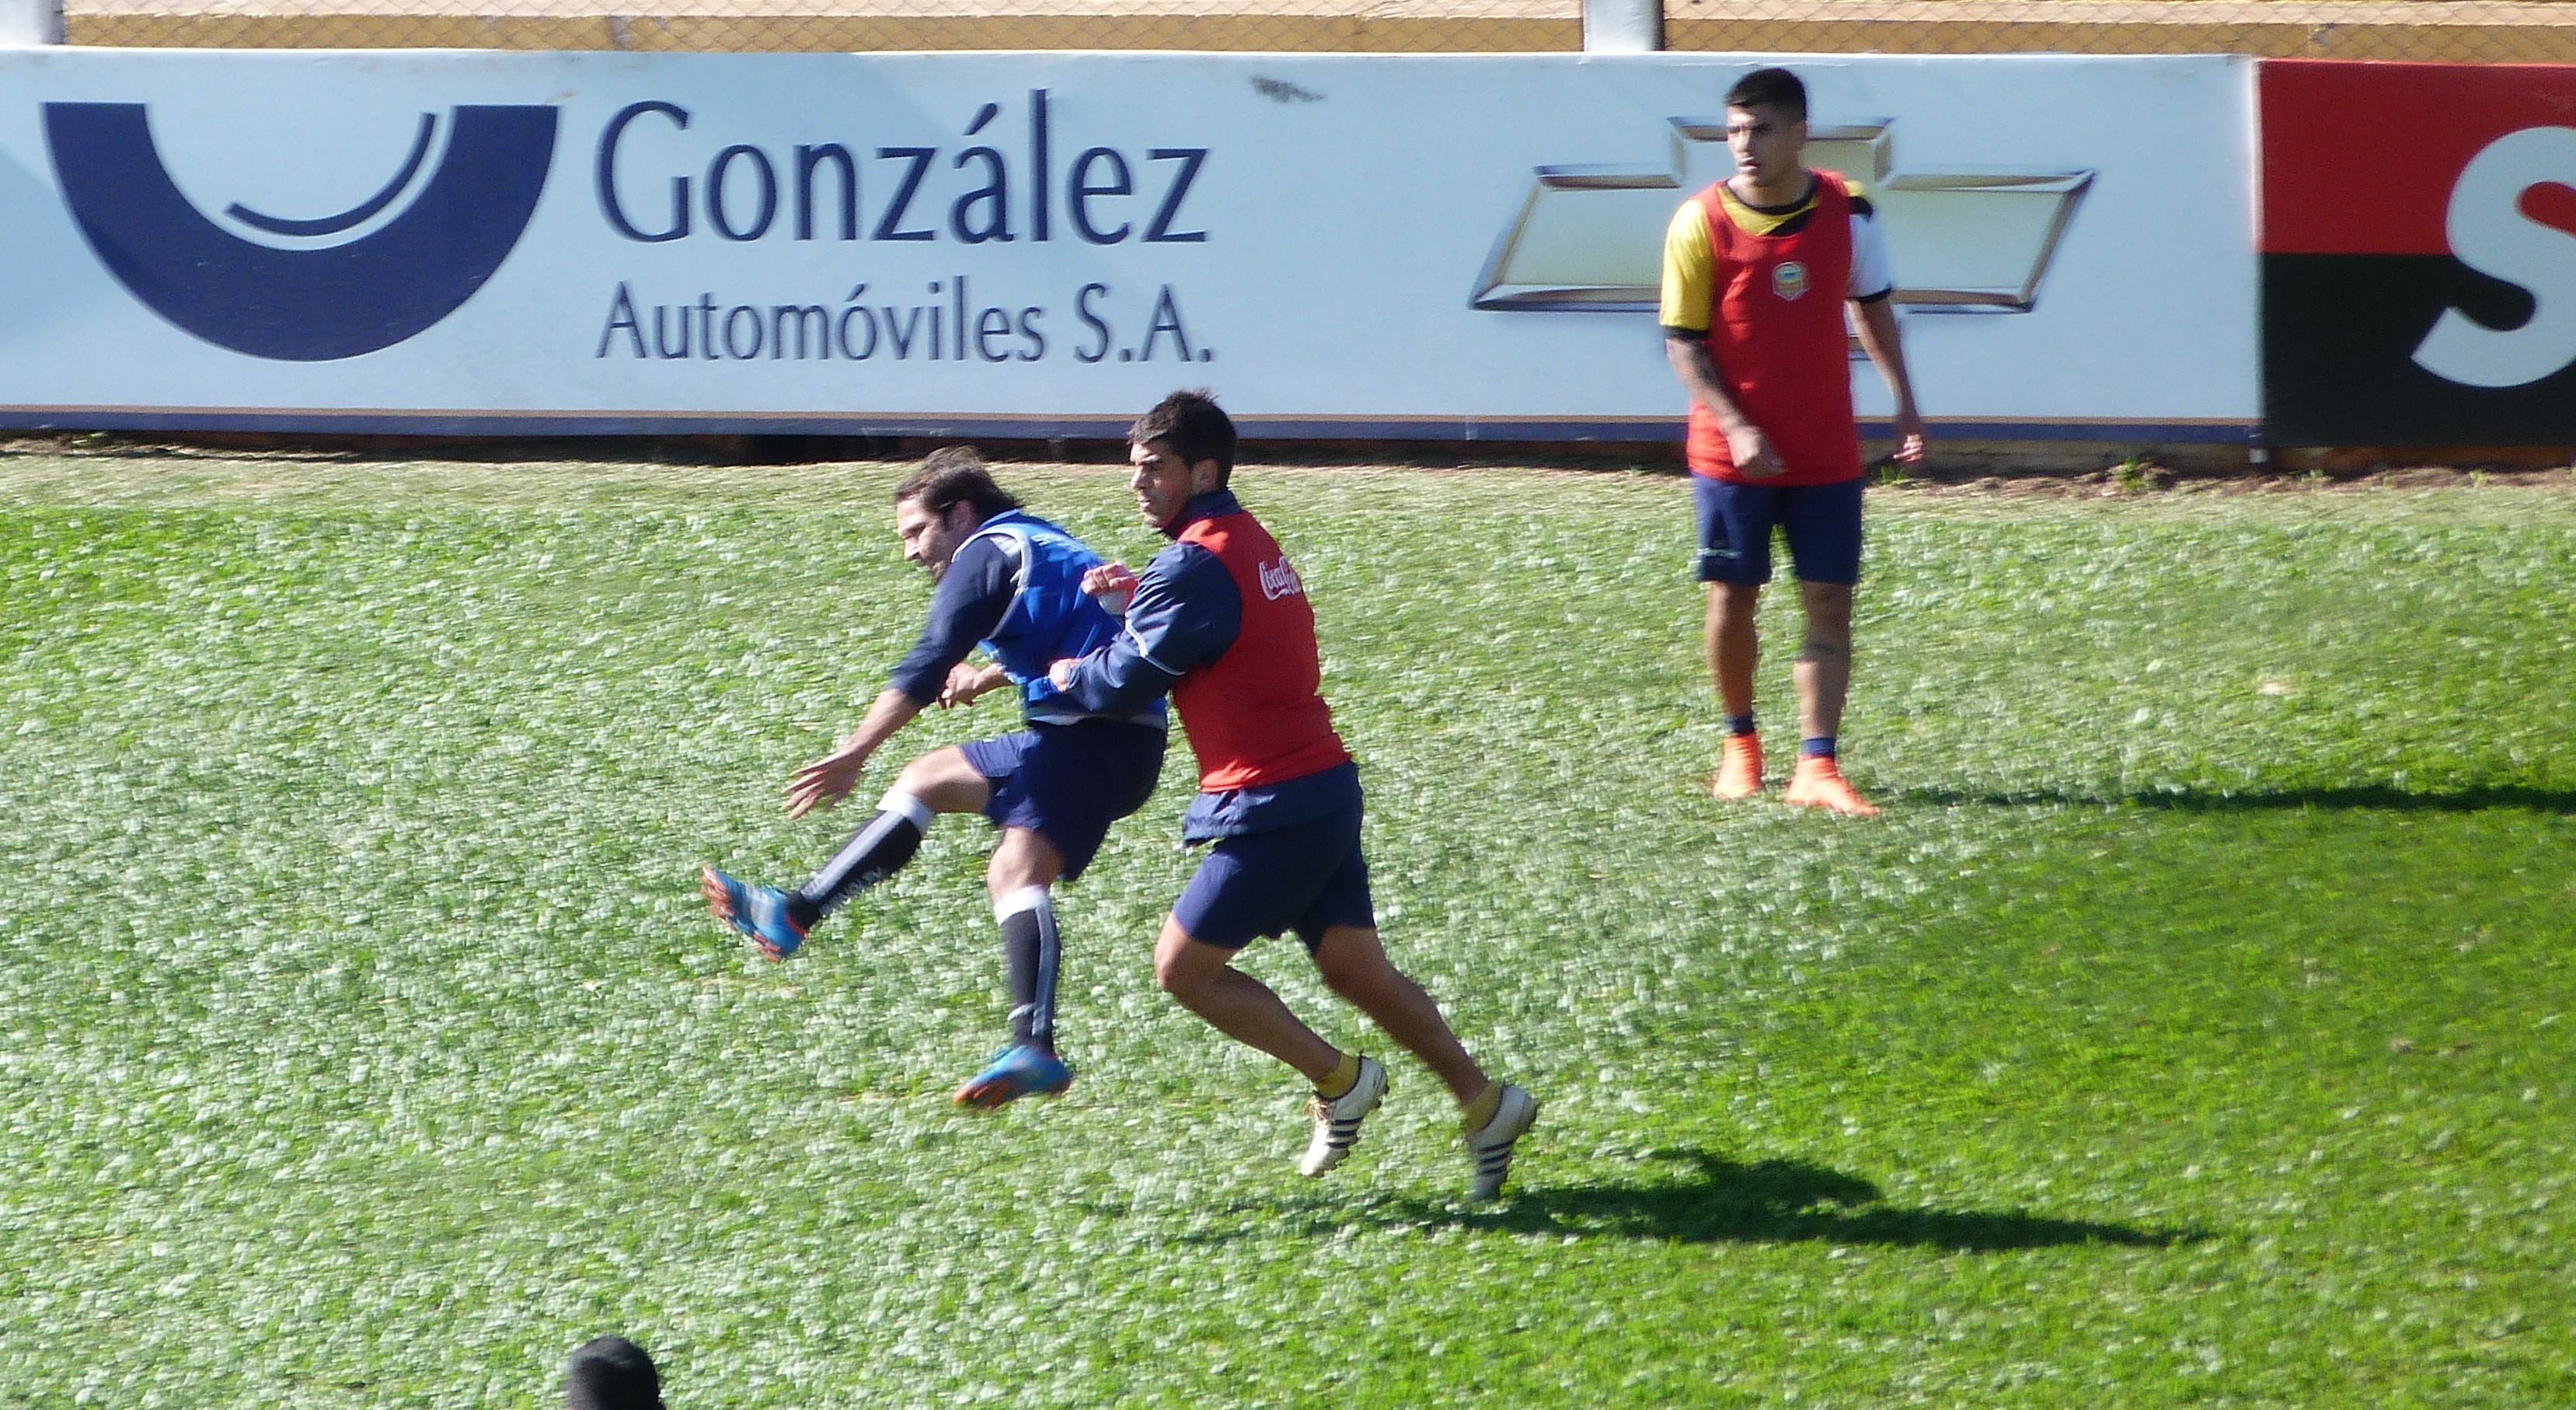 Crucero: Fútbol reducido y trabajos físicos para preparar el duelo con All Boys